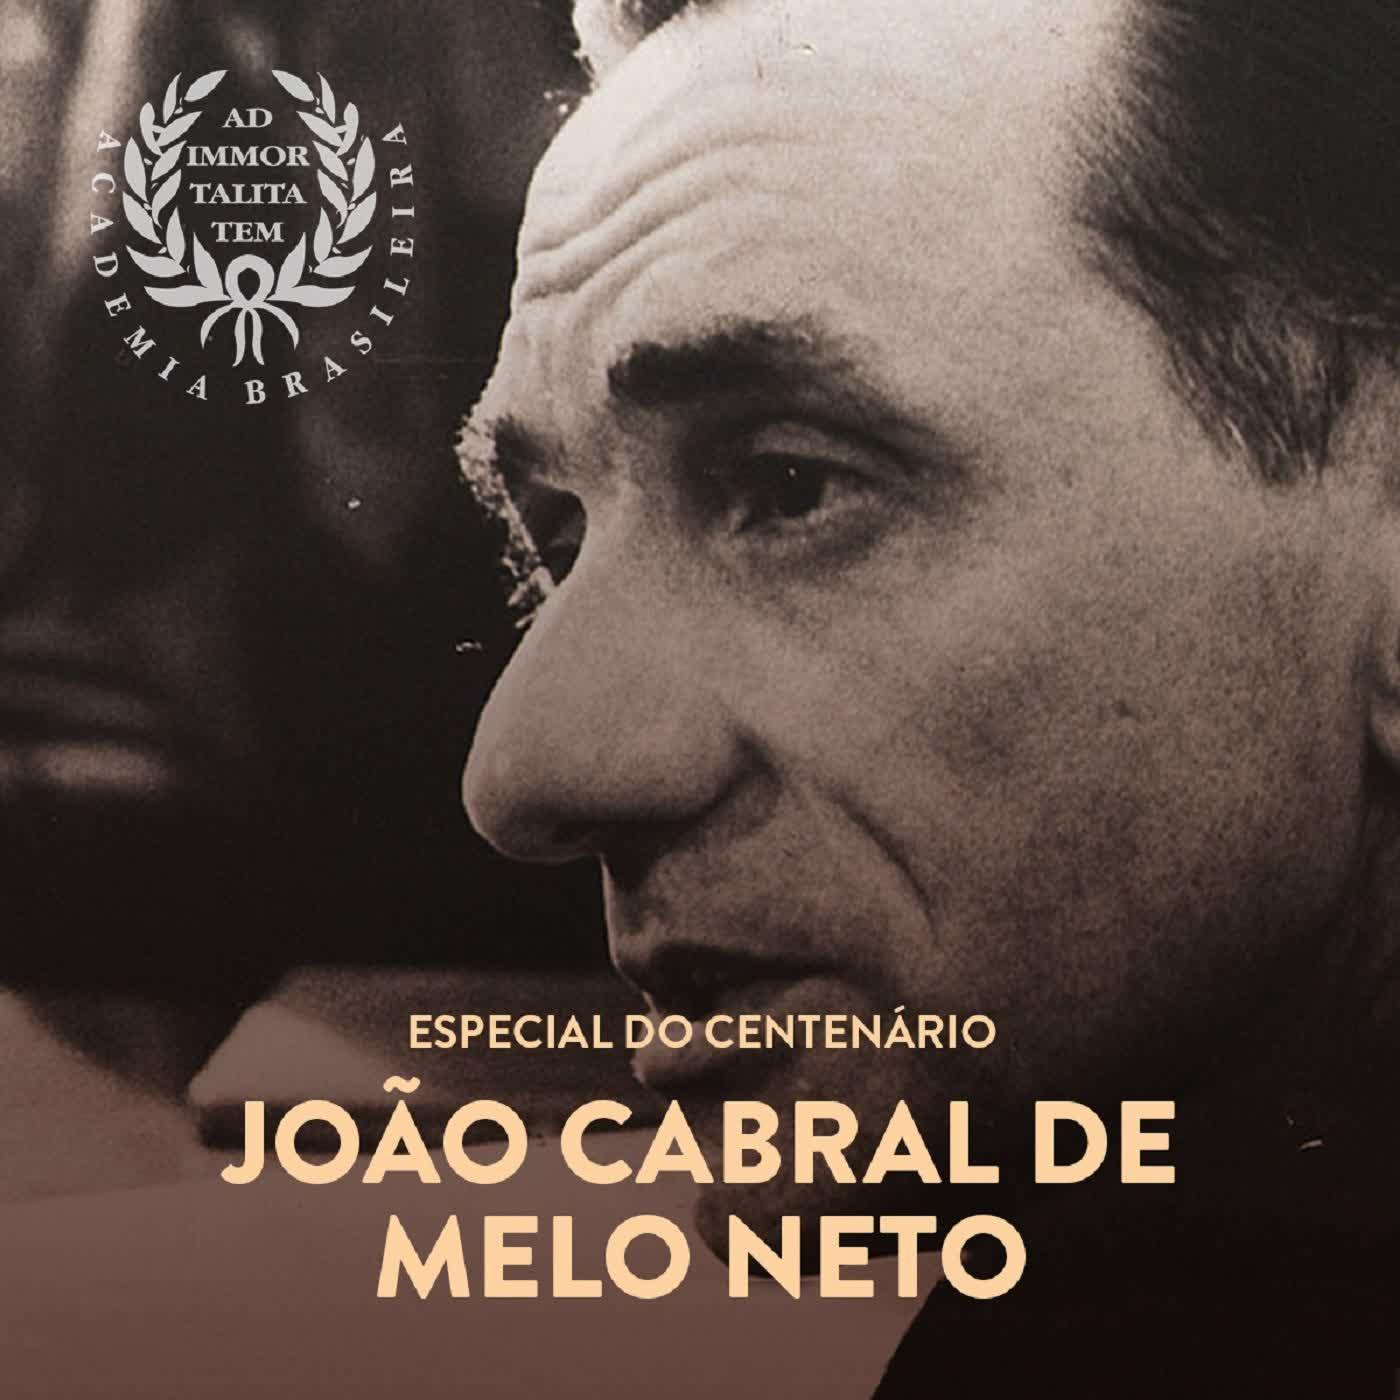 Podcast: Especial do Centenário de João Cabral de Melo Neto | Acadêmico Antonio Carlos Secchin